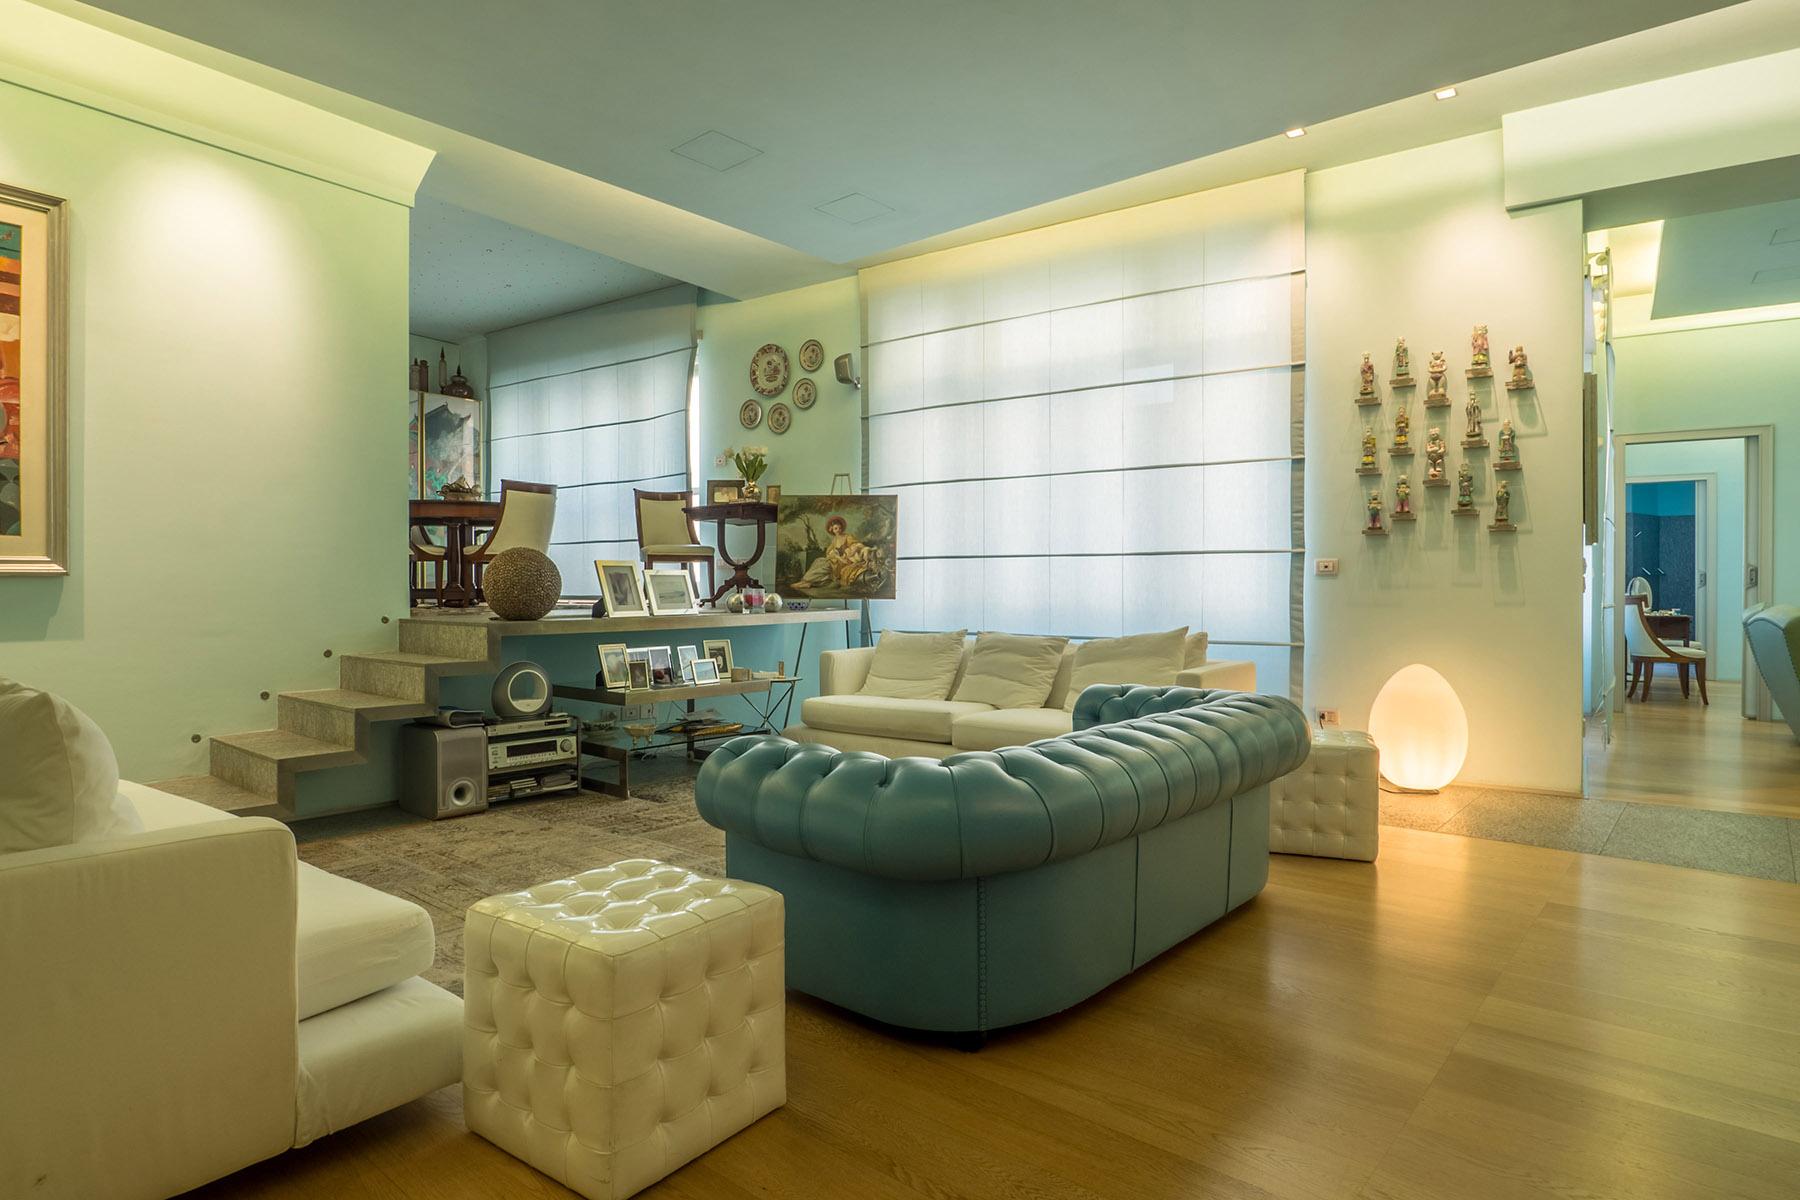 Appartamento in Vendita a Torino: 4 locali, 148 mq - Foto 2